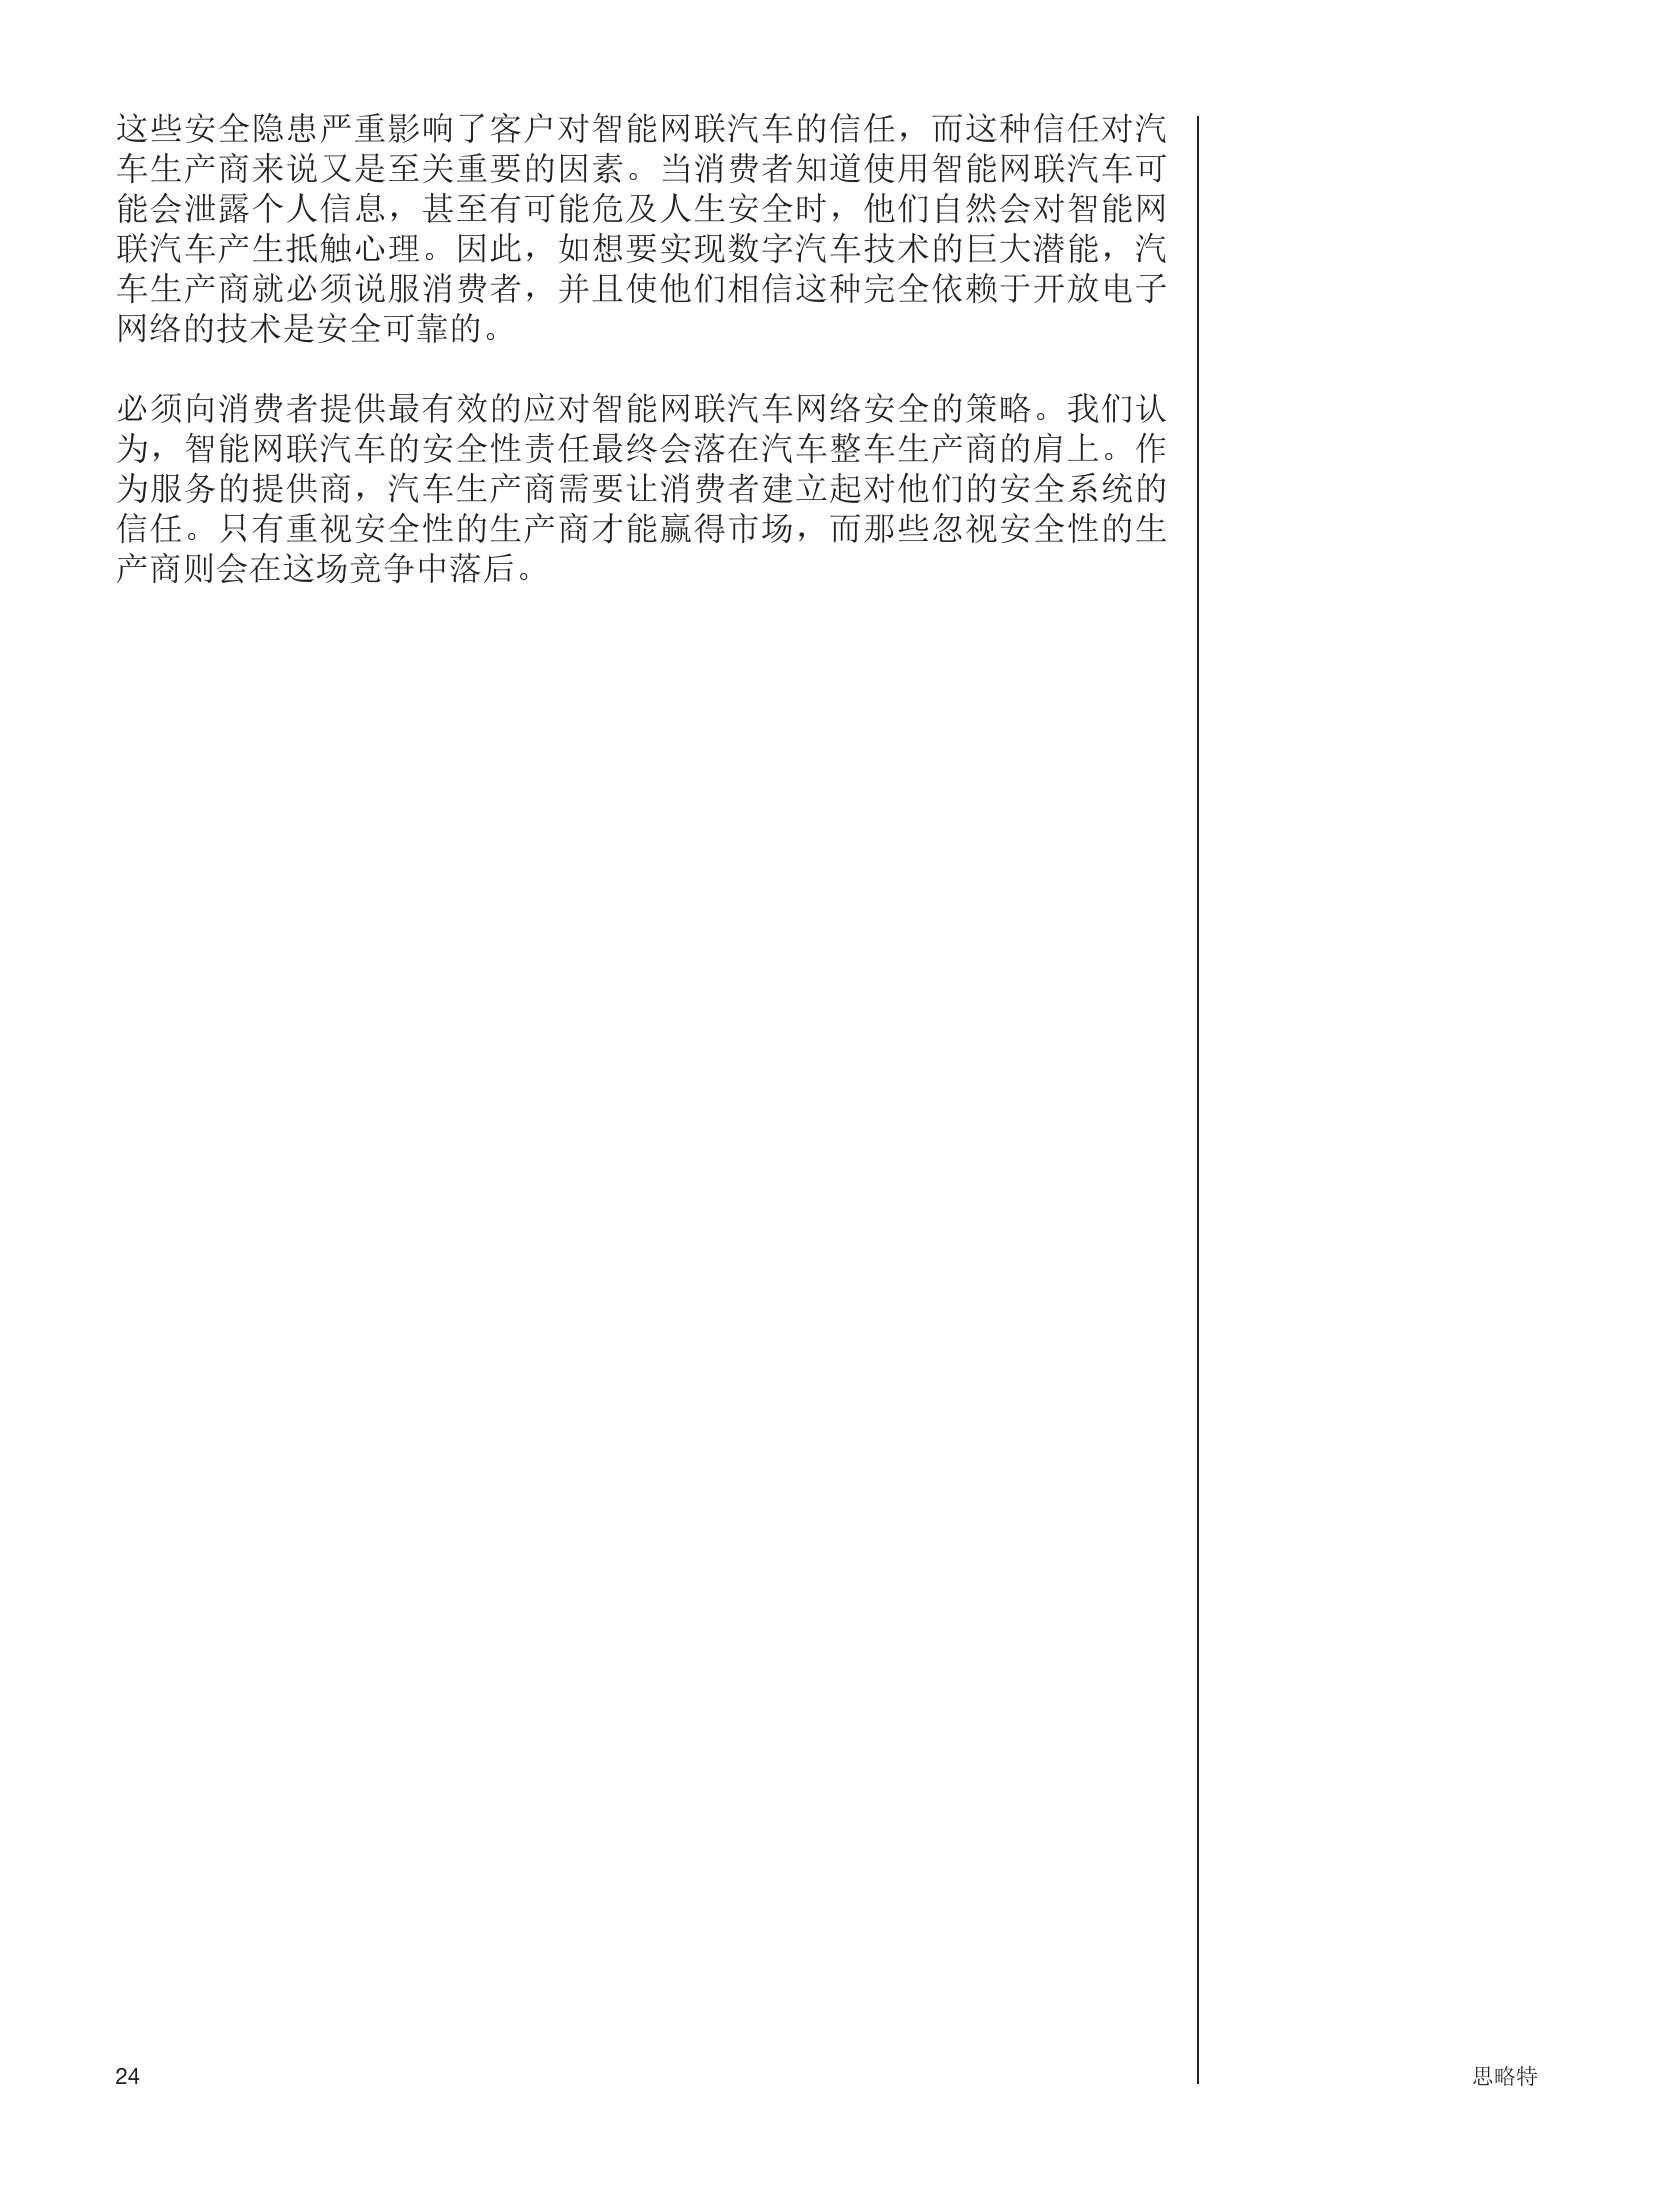 2015智能网联汽车调查_000024